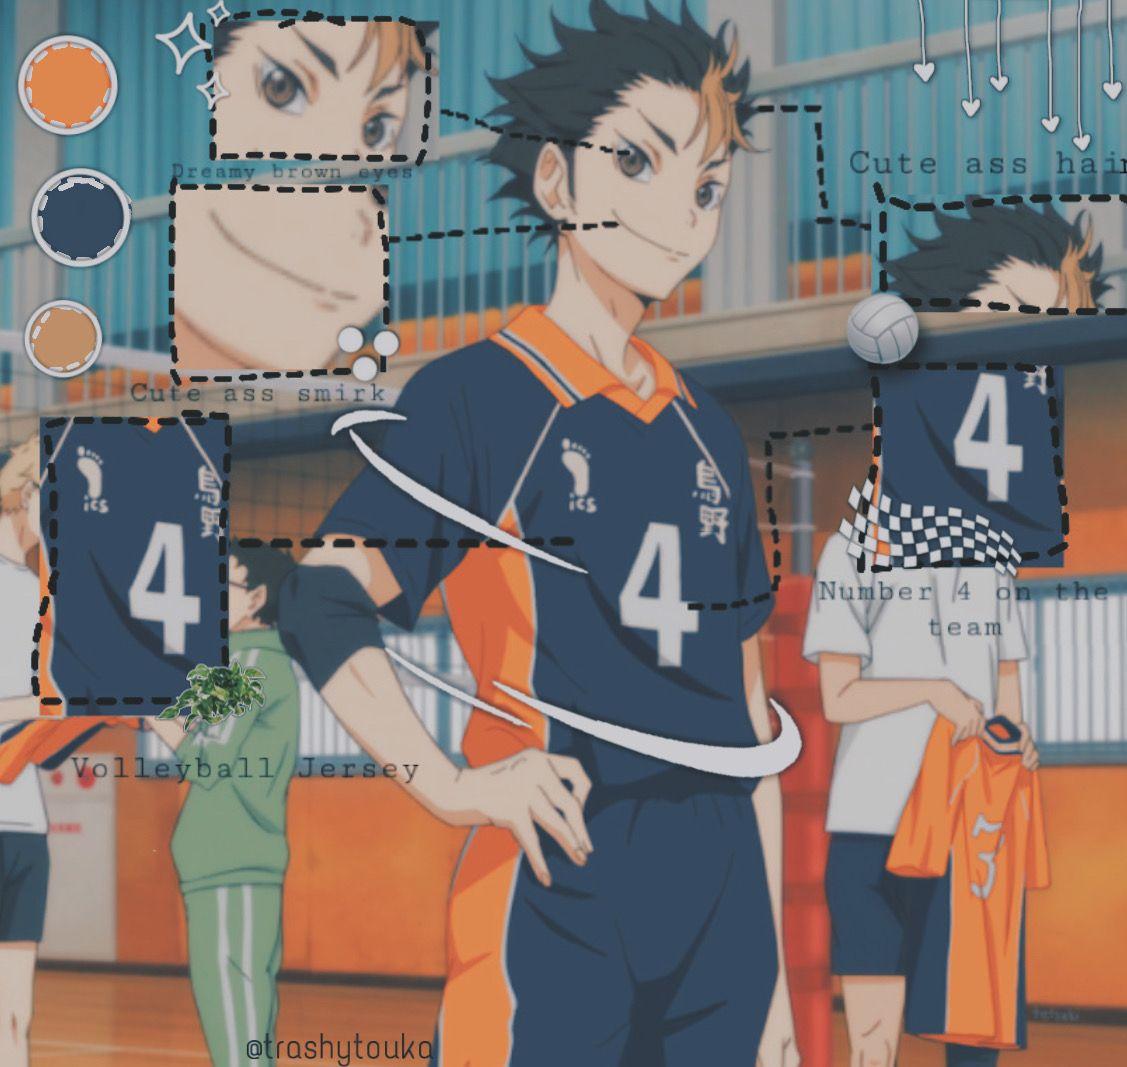 Nishinoya Anatomy Baby Anime Haikyuu Character Yu Nishinoya Time Took 20 Mins In 2020 Nishinoya Haikyuu Anime Haikyuu Nishinoya